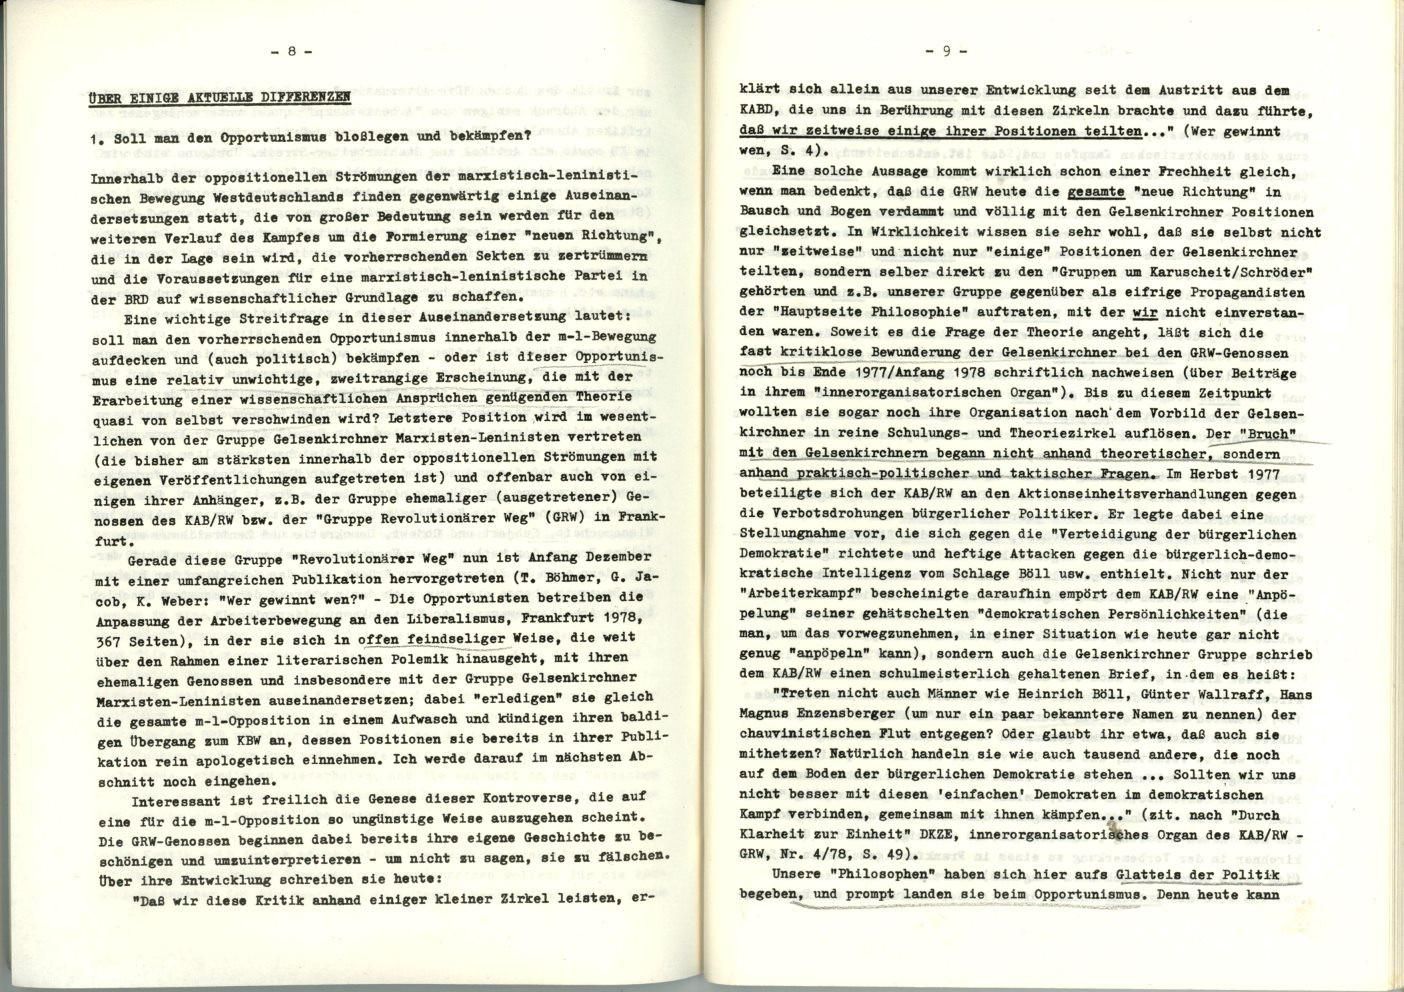 Nuernberg_Fuerth_Erlangen_ML_Diskussionsbeitraege_1979_02_05